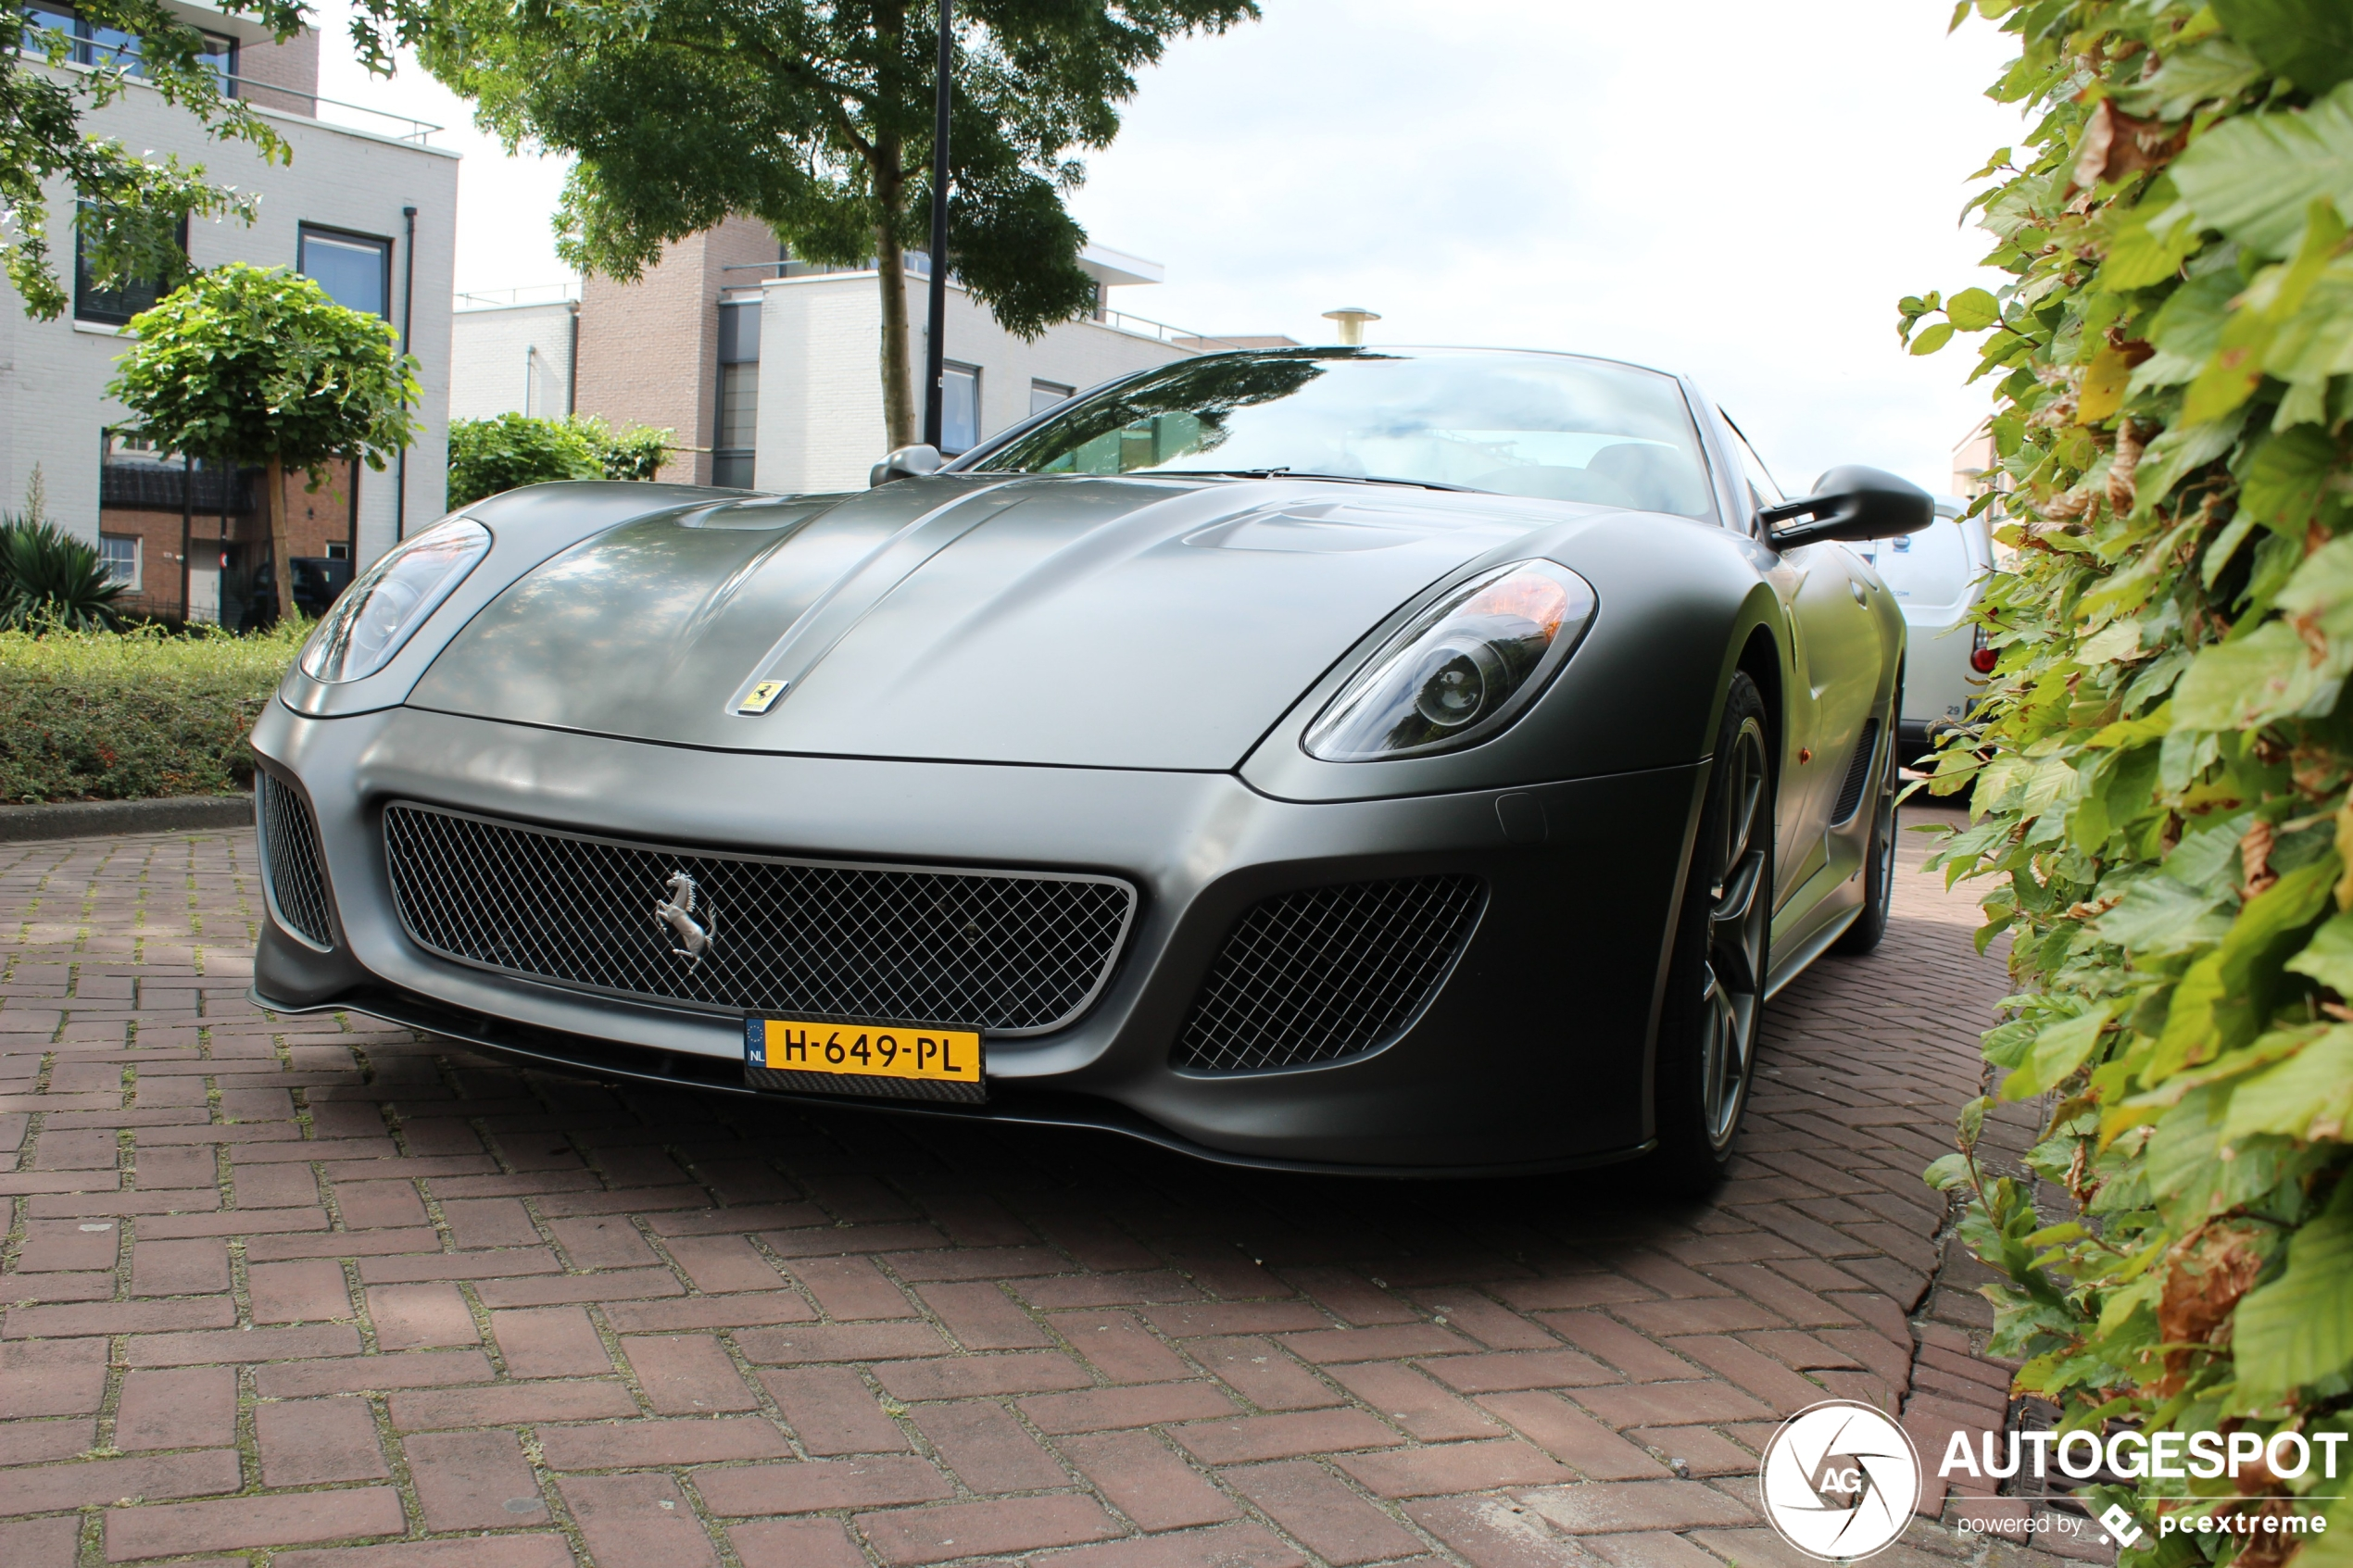 Nederland is weer prachtige Ferrari 599 GTO rijker